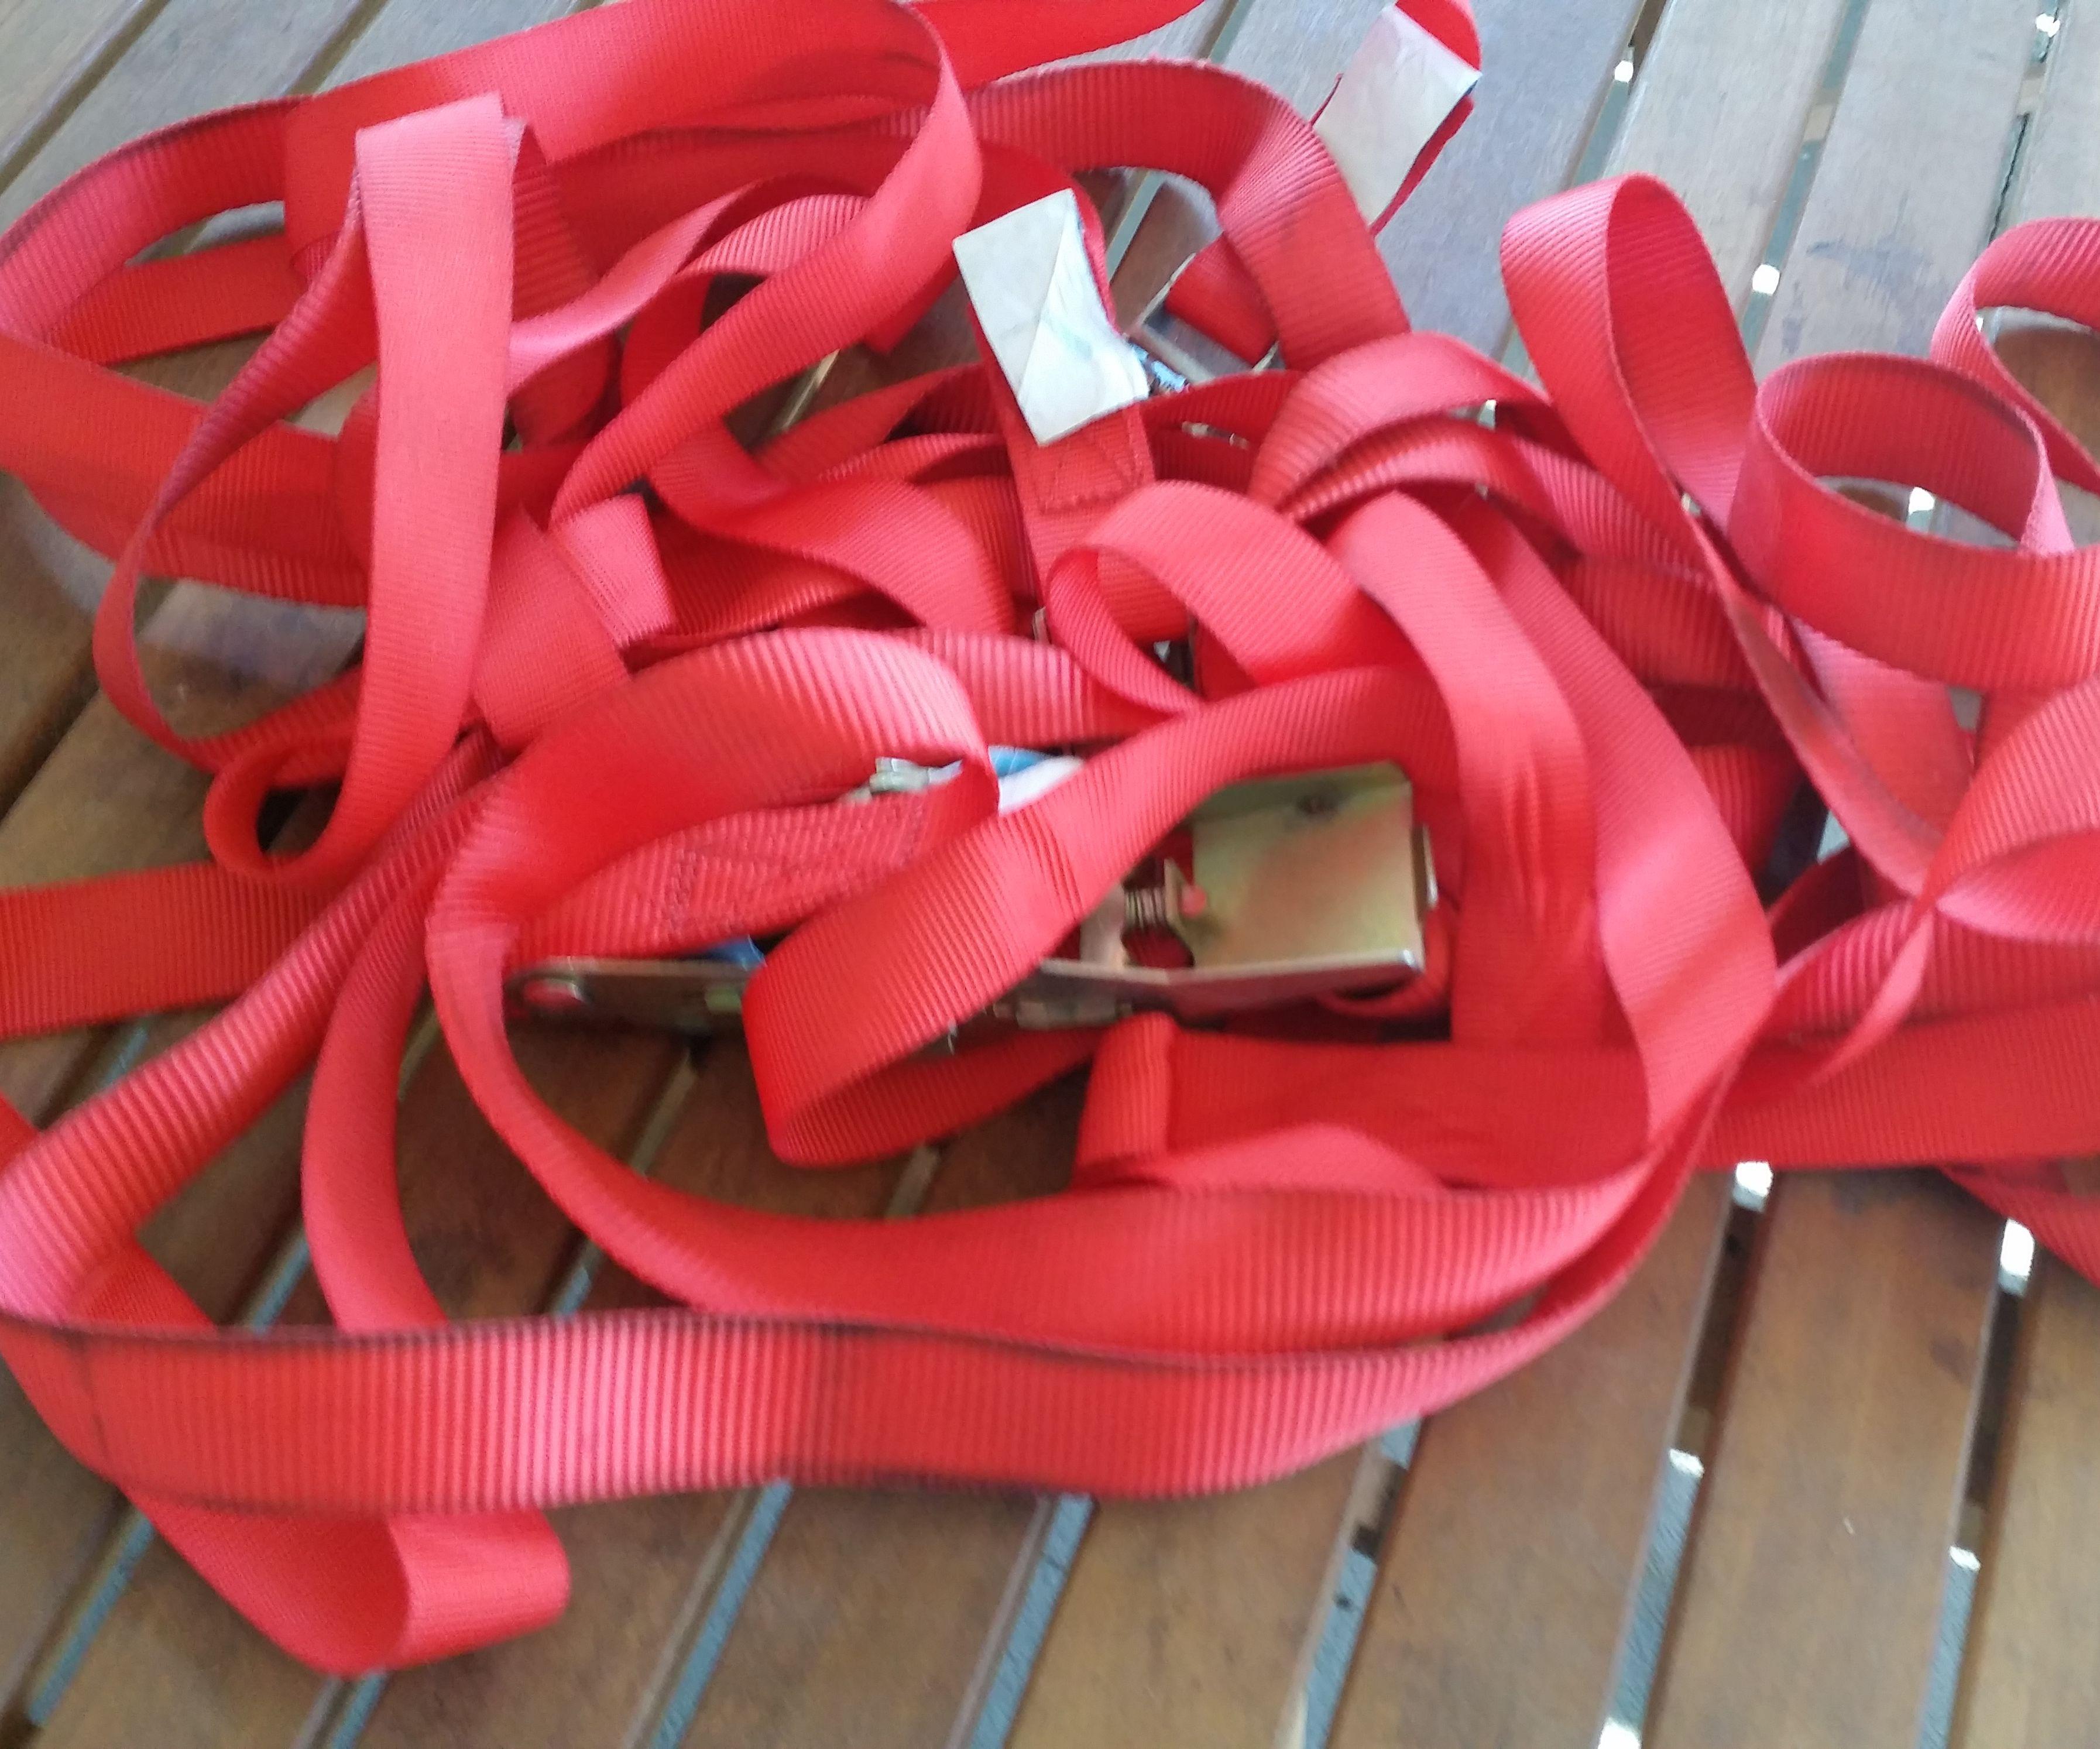 Tie Down Strap Storage